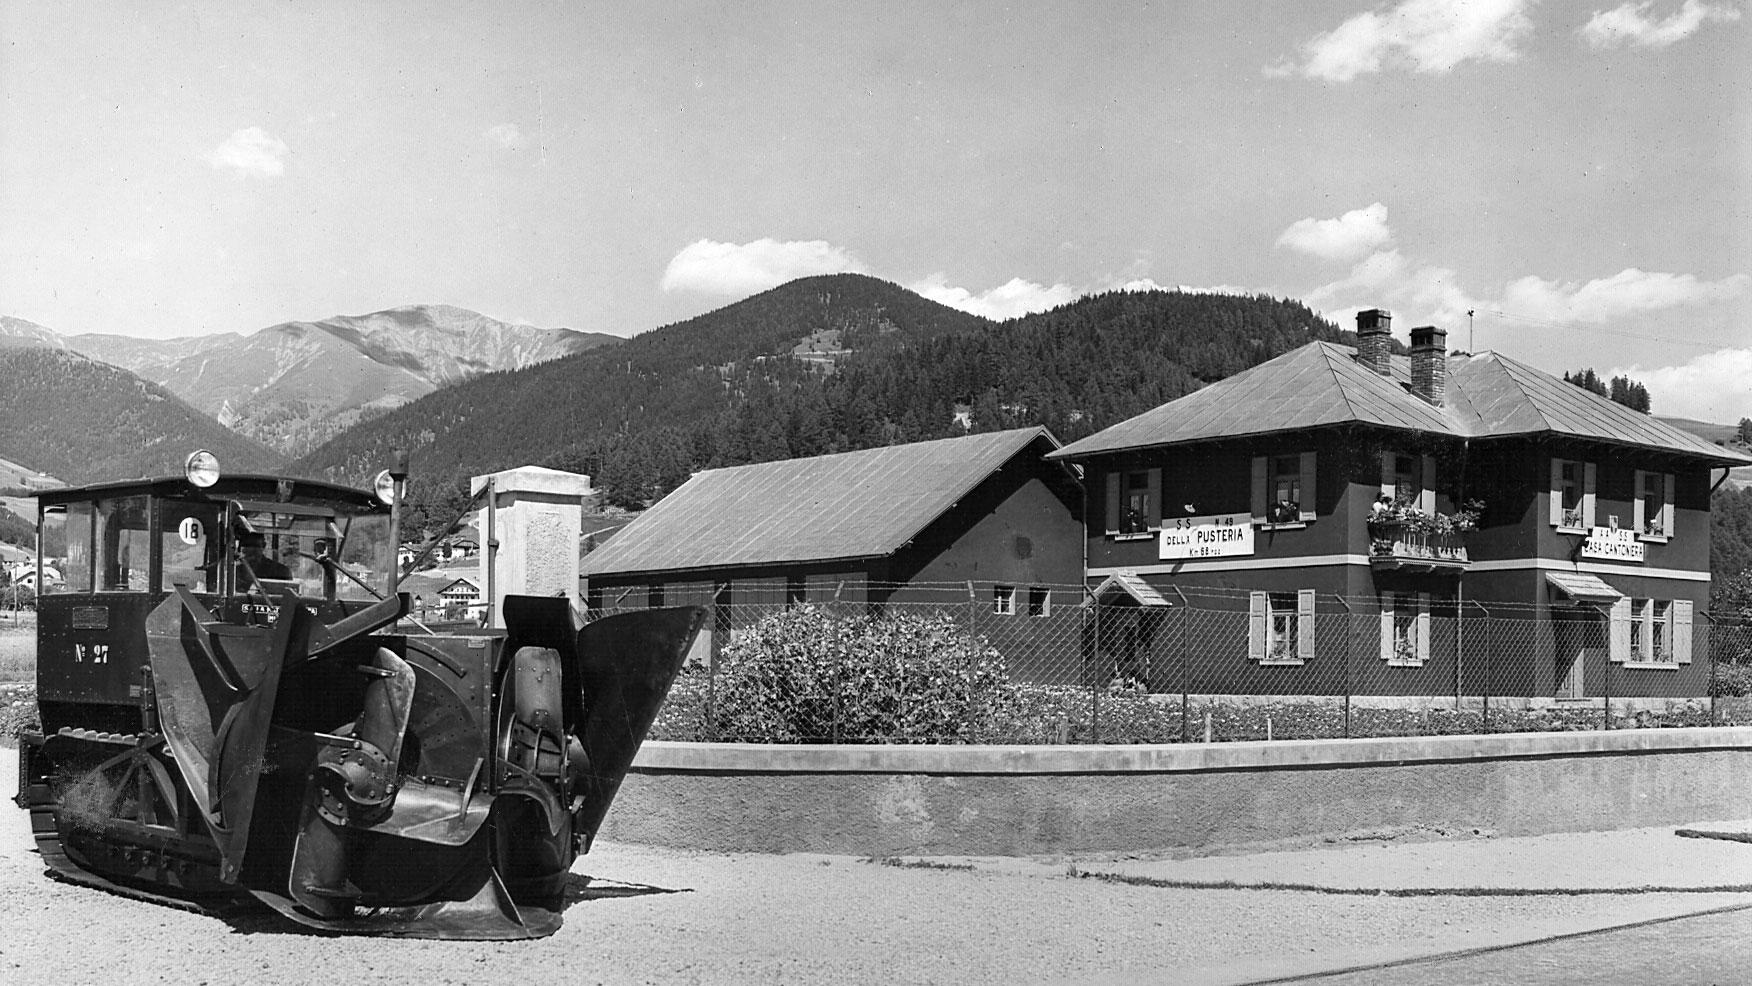 Casa cantoniera e mezzi antineve sulla strada statale 49 della Pusteria, in provincia di Bolzano (Archivio storico Anas)